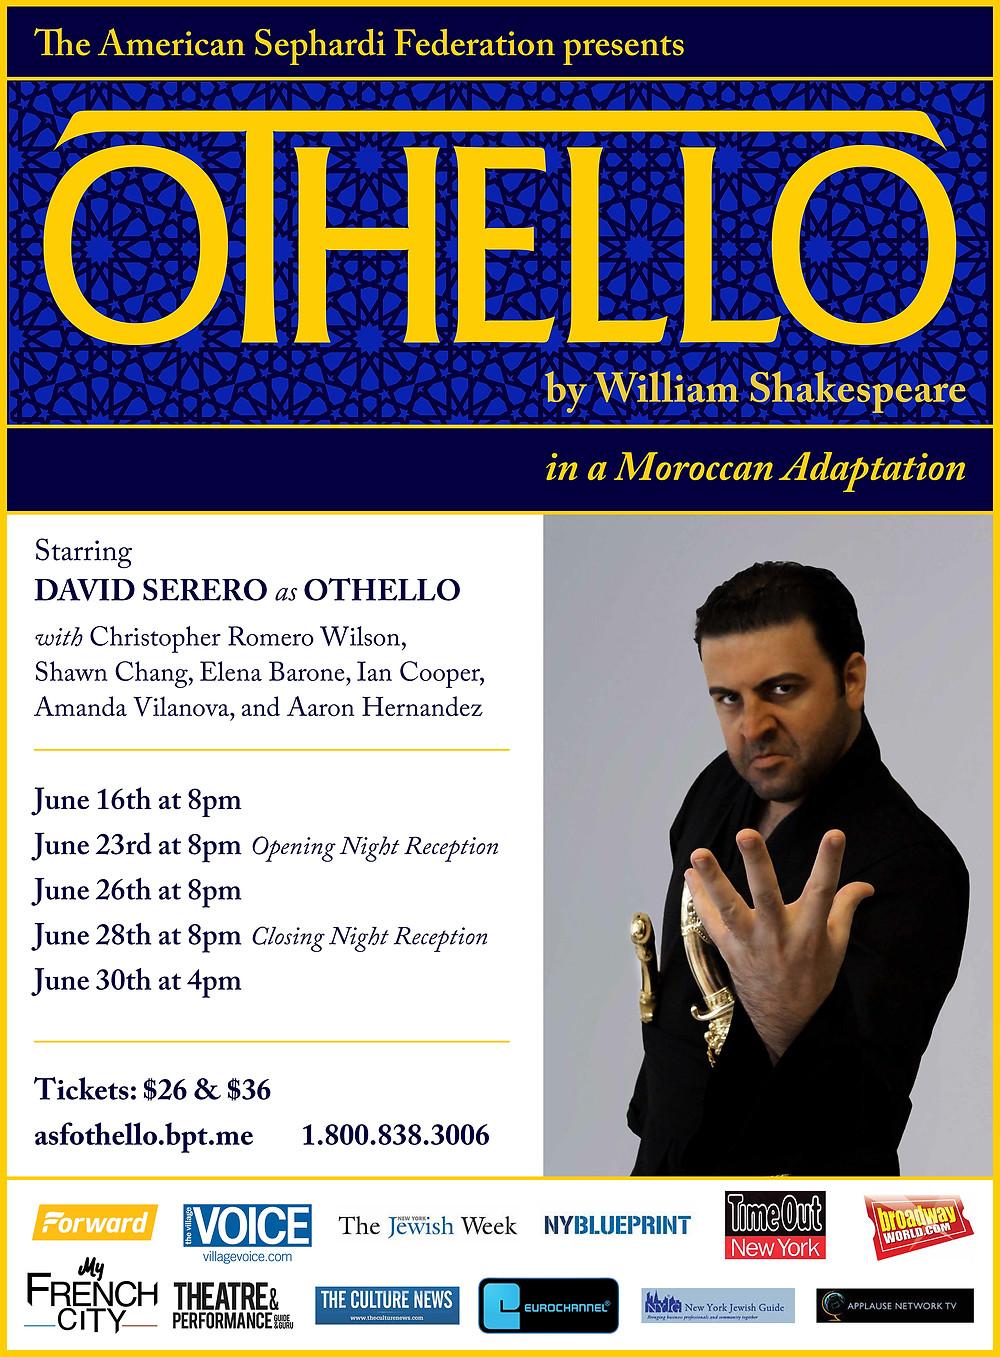 Othello starring David Serero as Othello